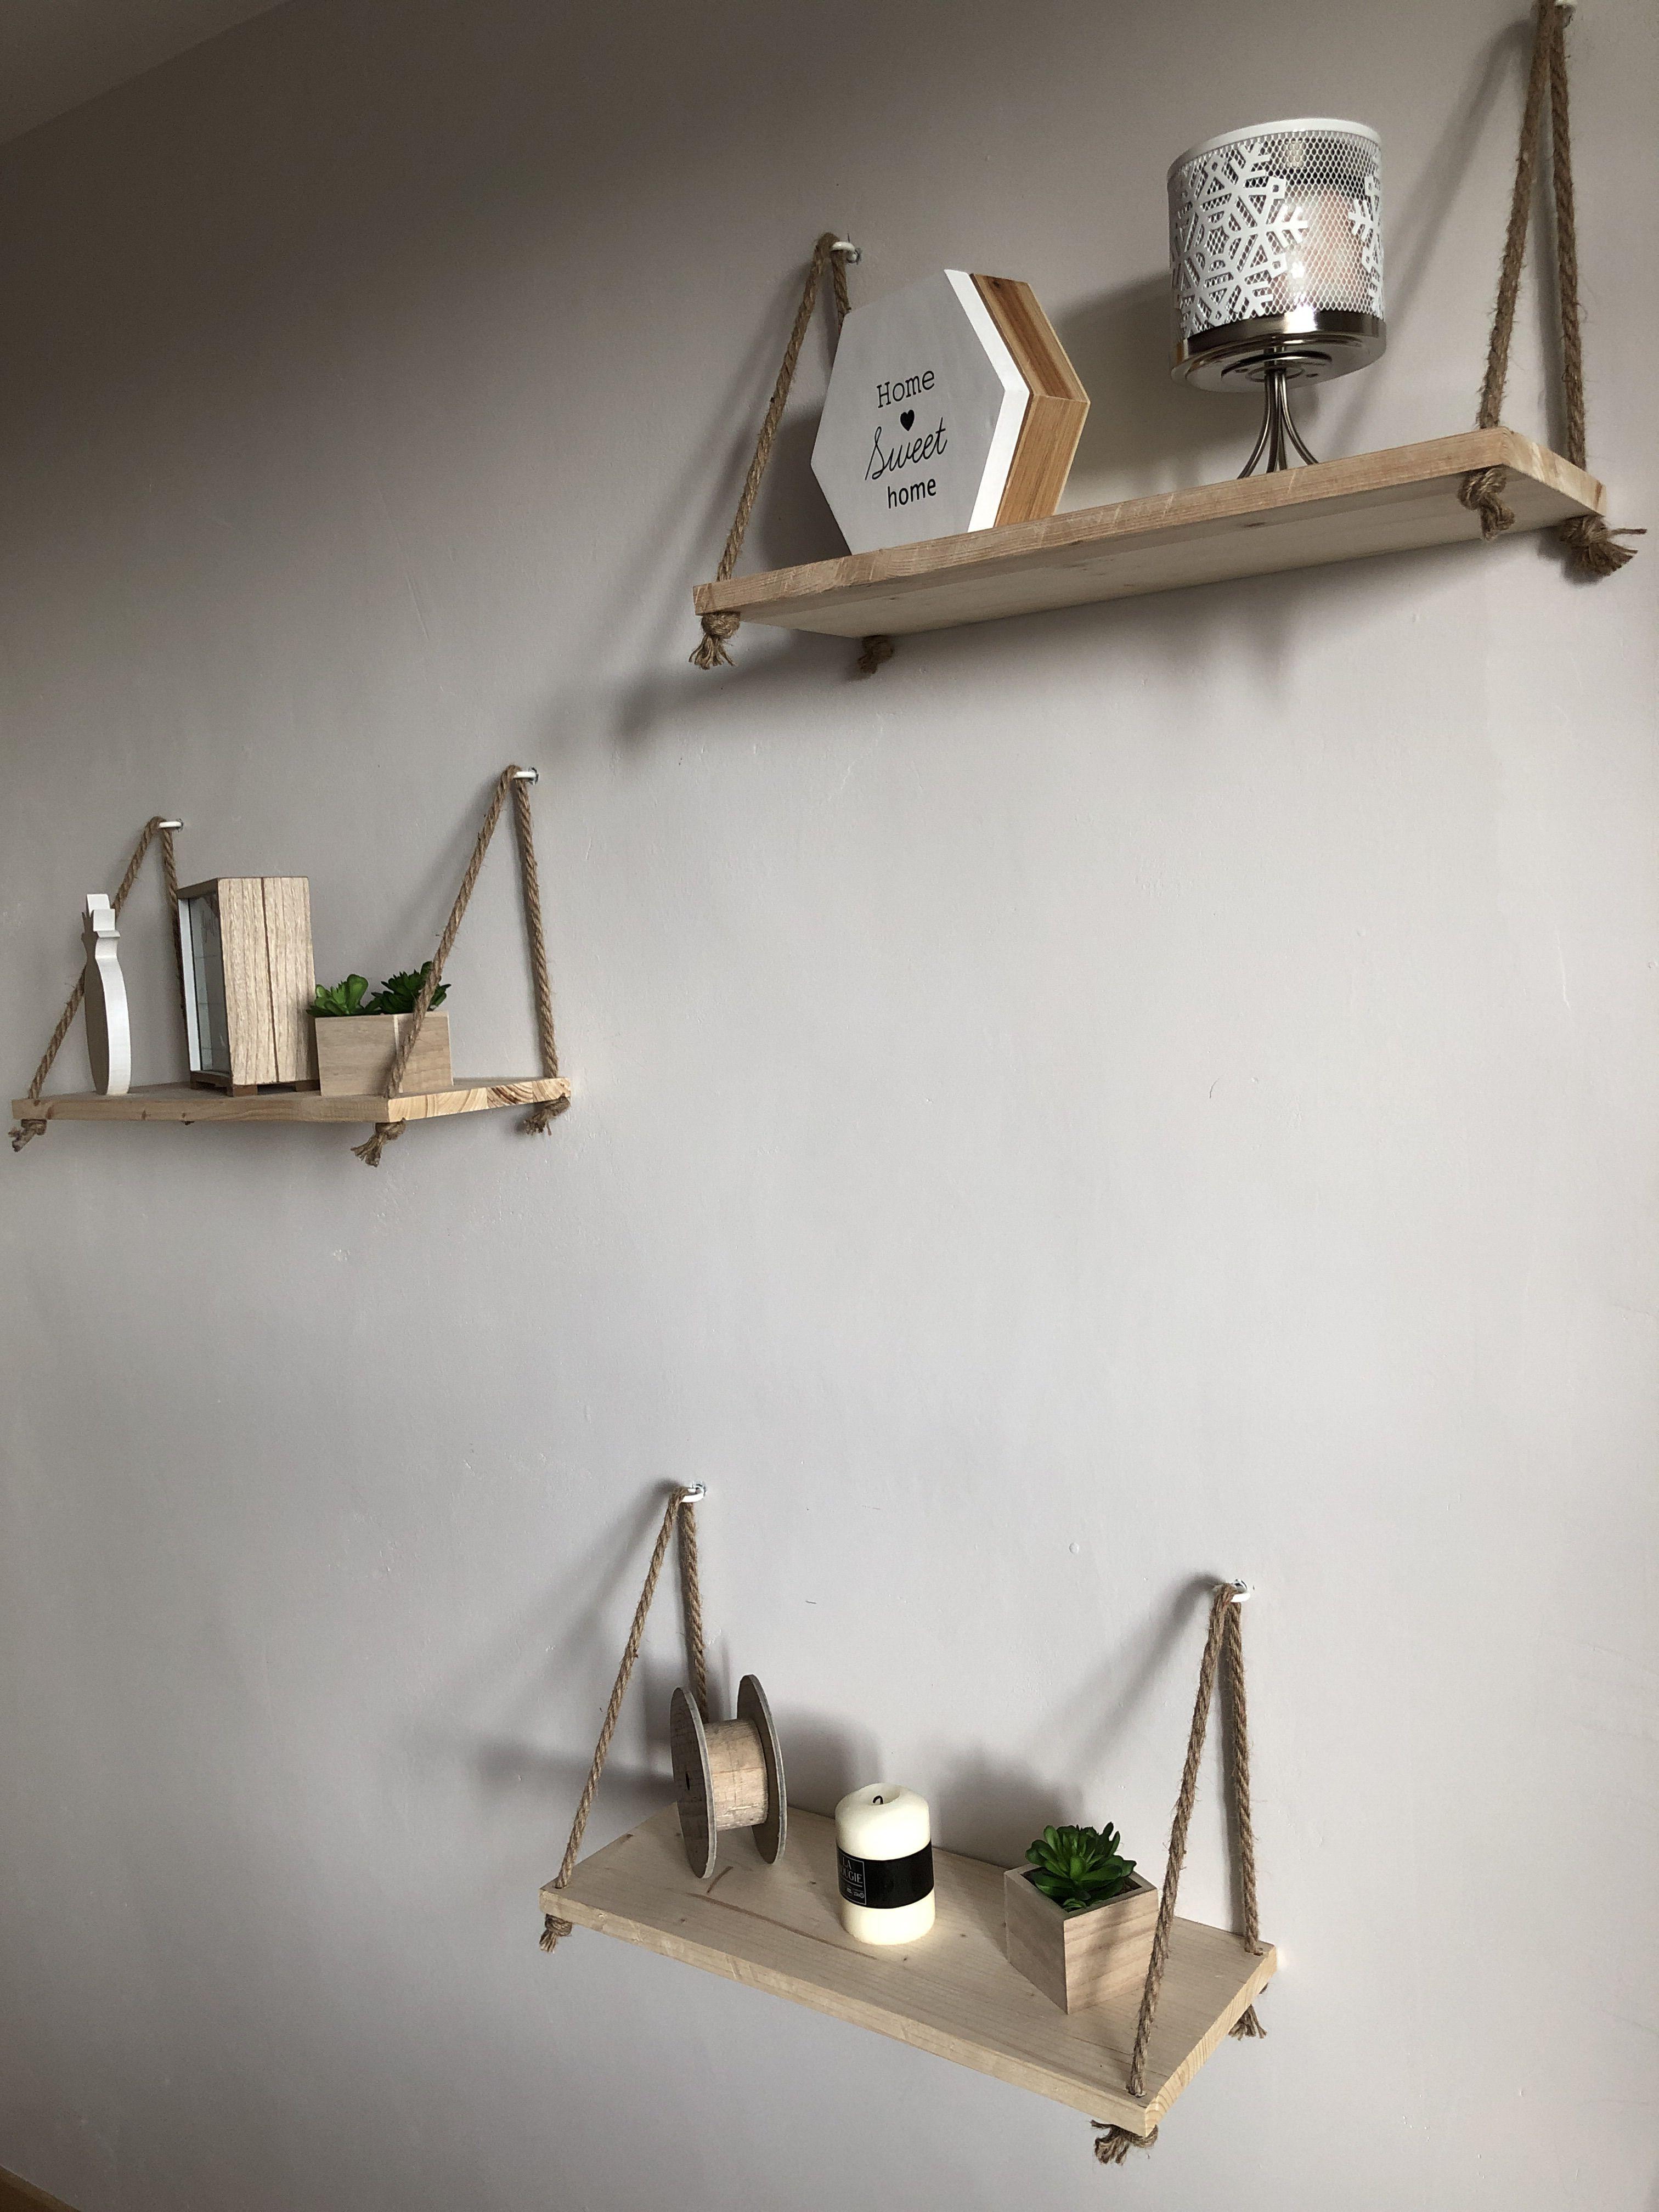 Étagère  Étagère avec corde, Étagère bois, Décoration maison